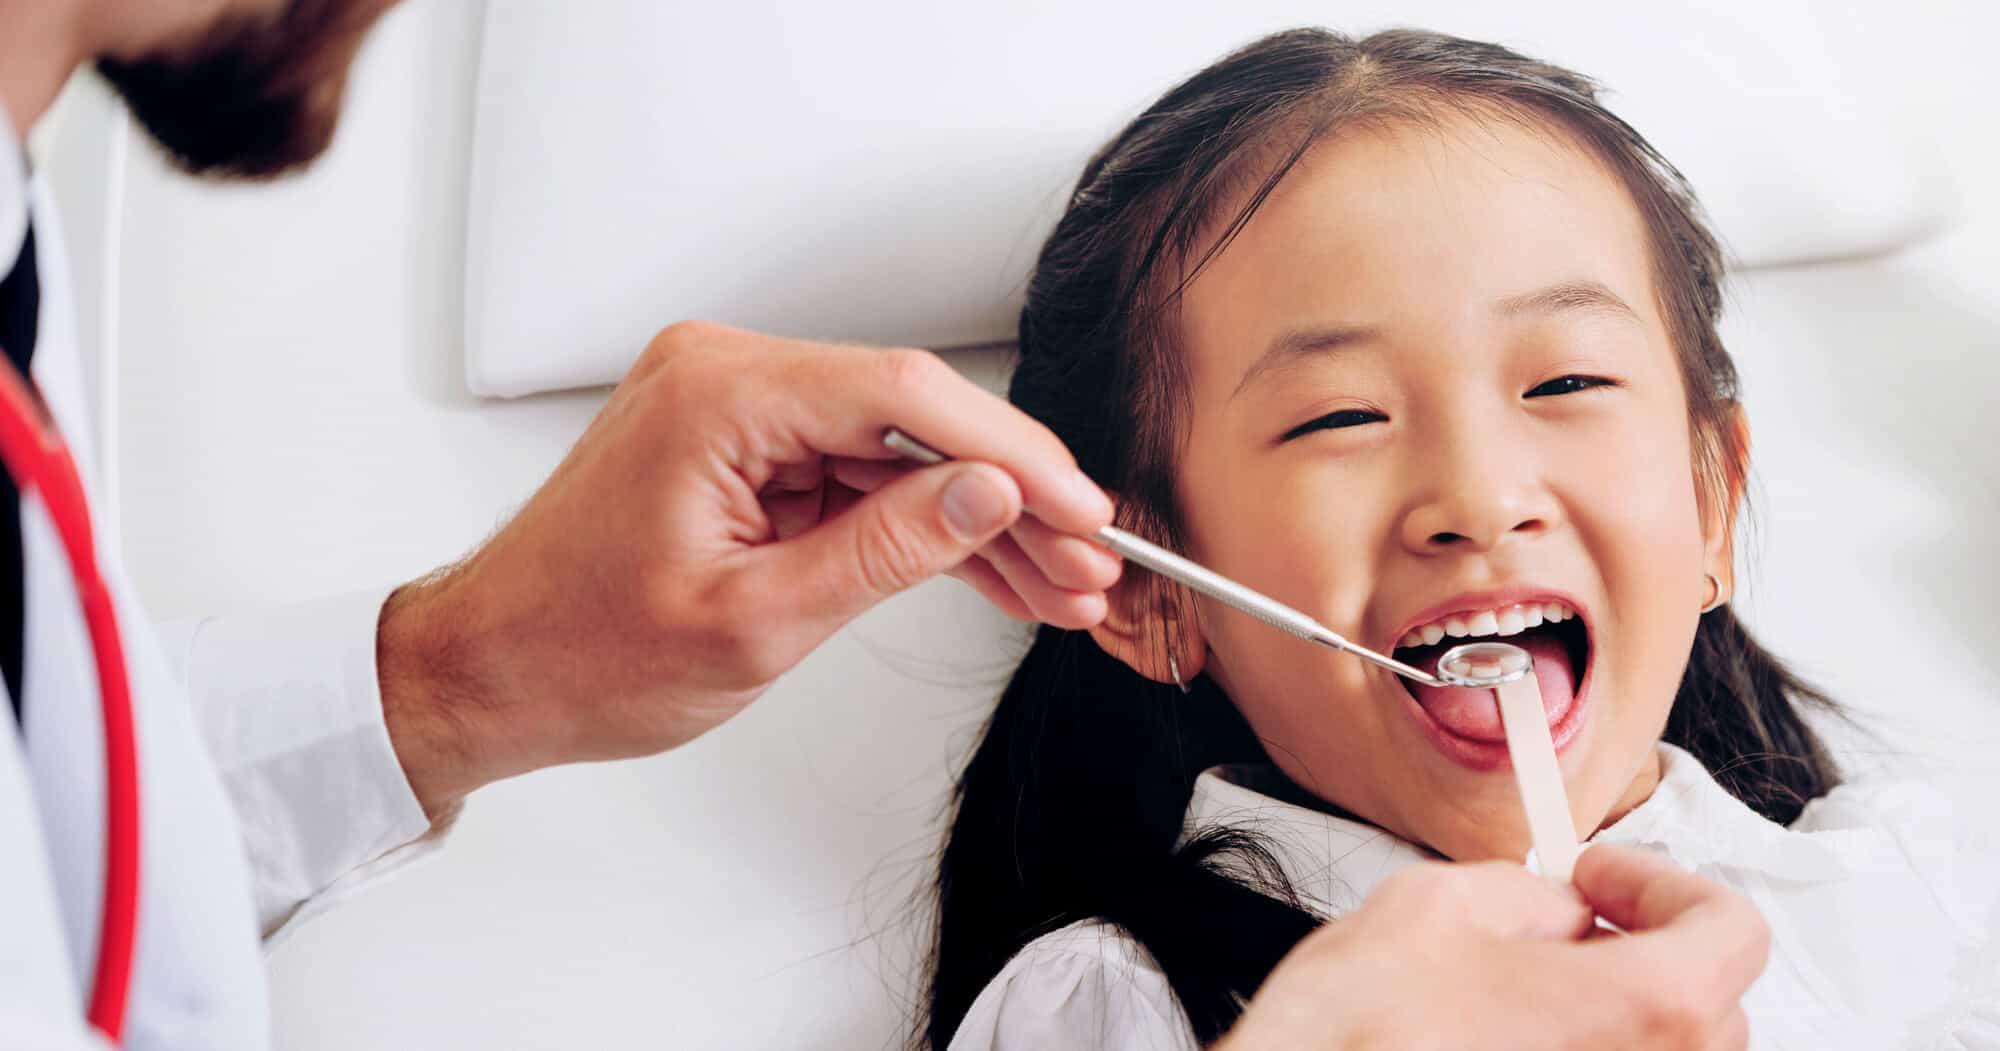 Children's oral health